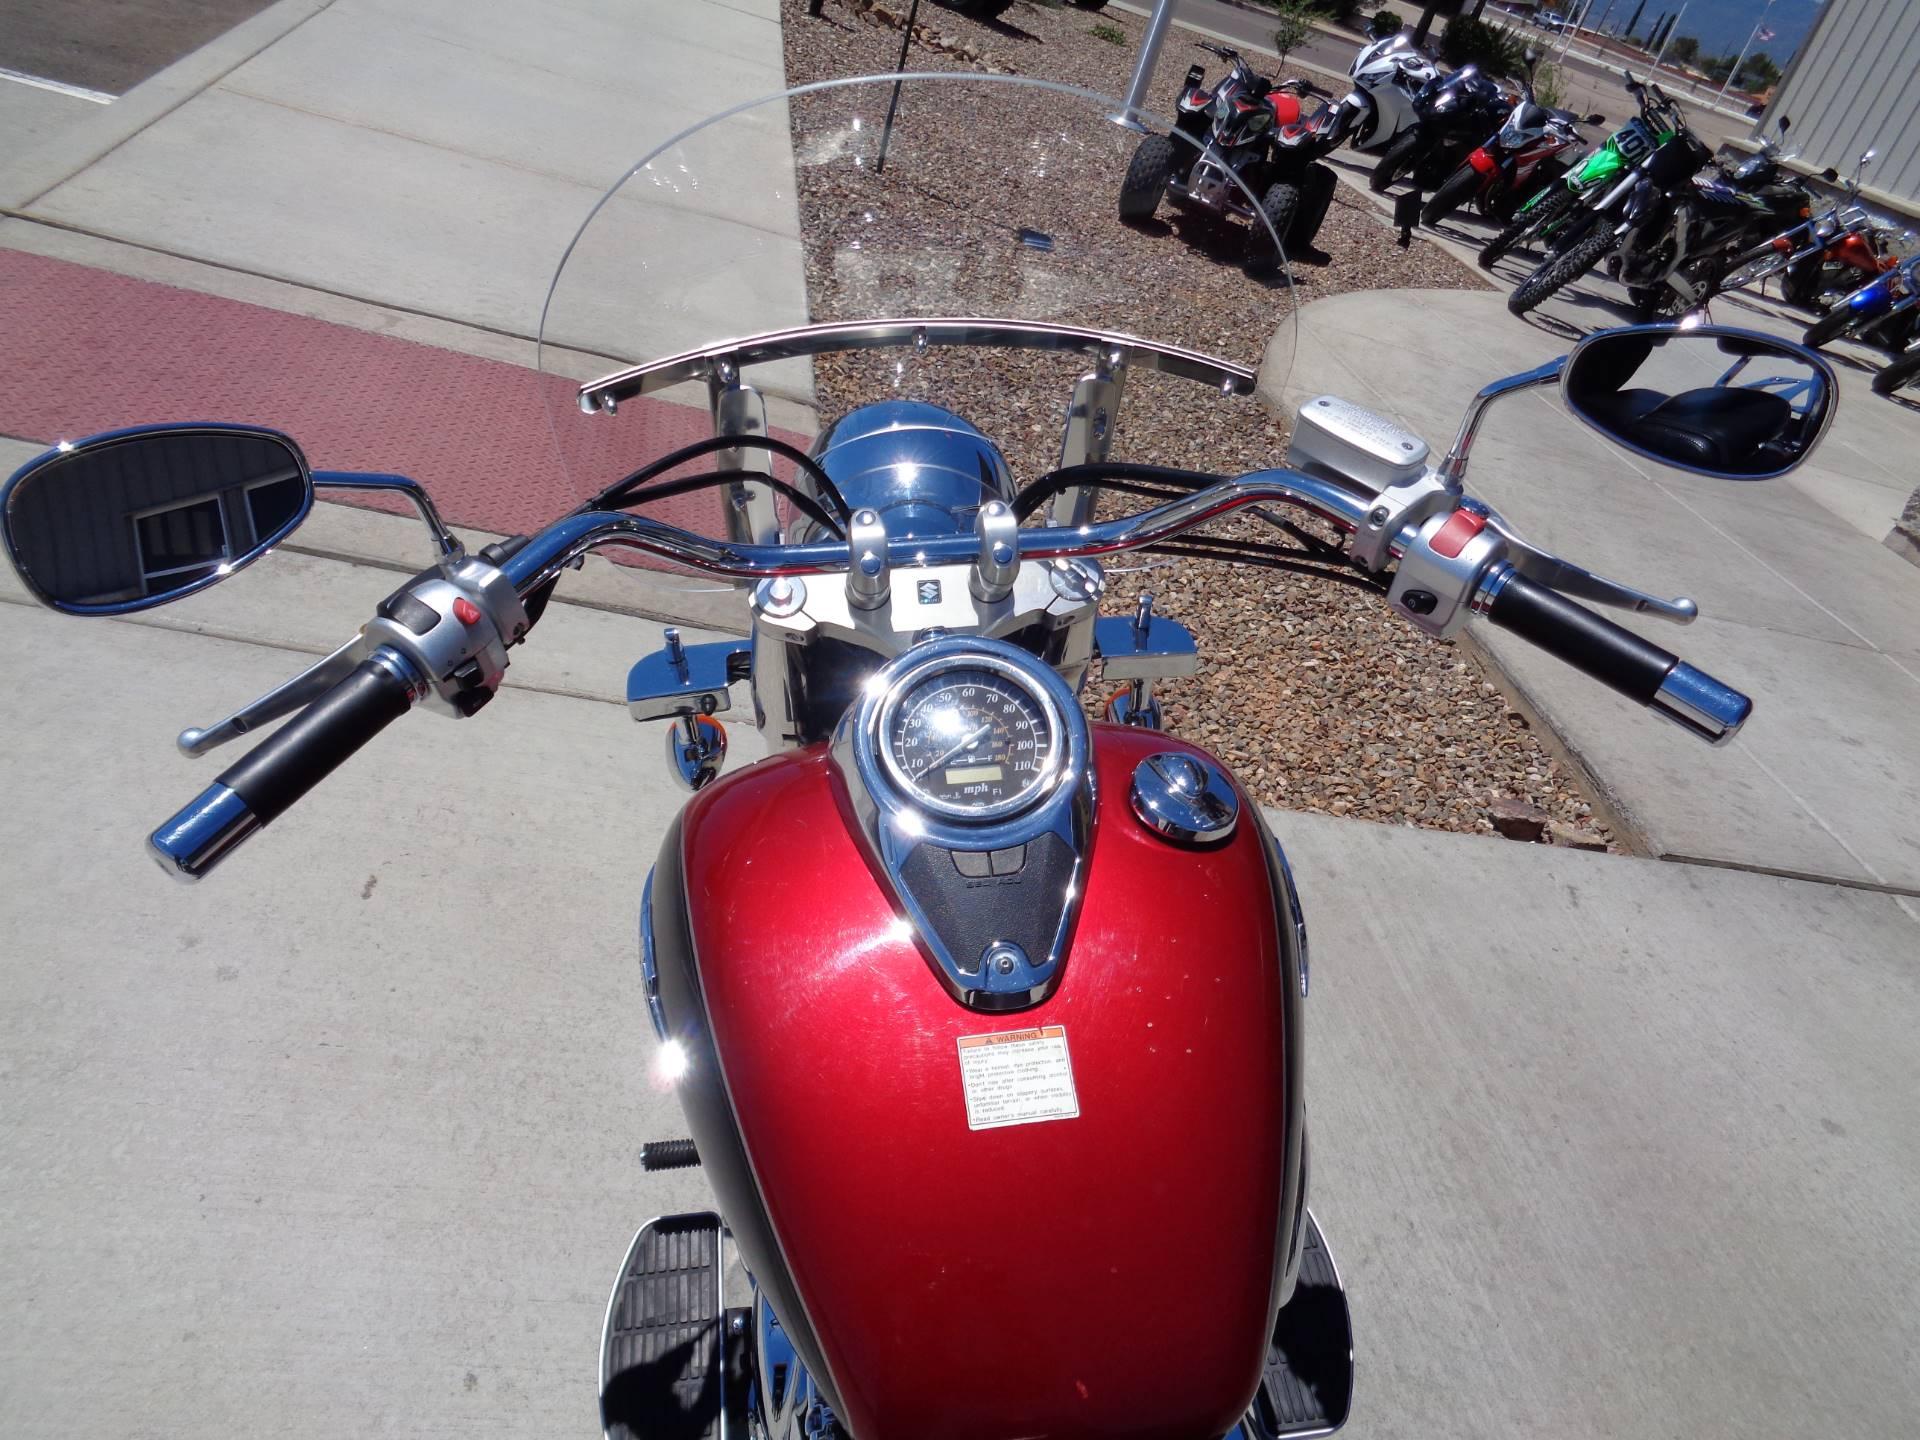 2007 Suzuki Boulevard C50 in Sierra Vista, Arizona